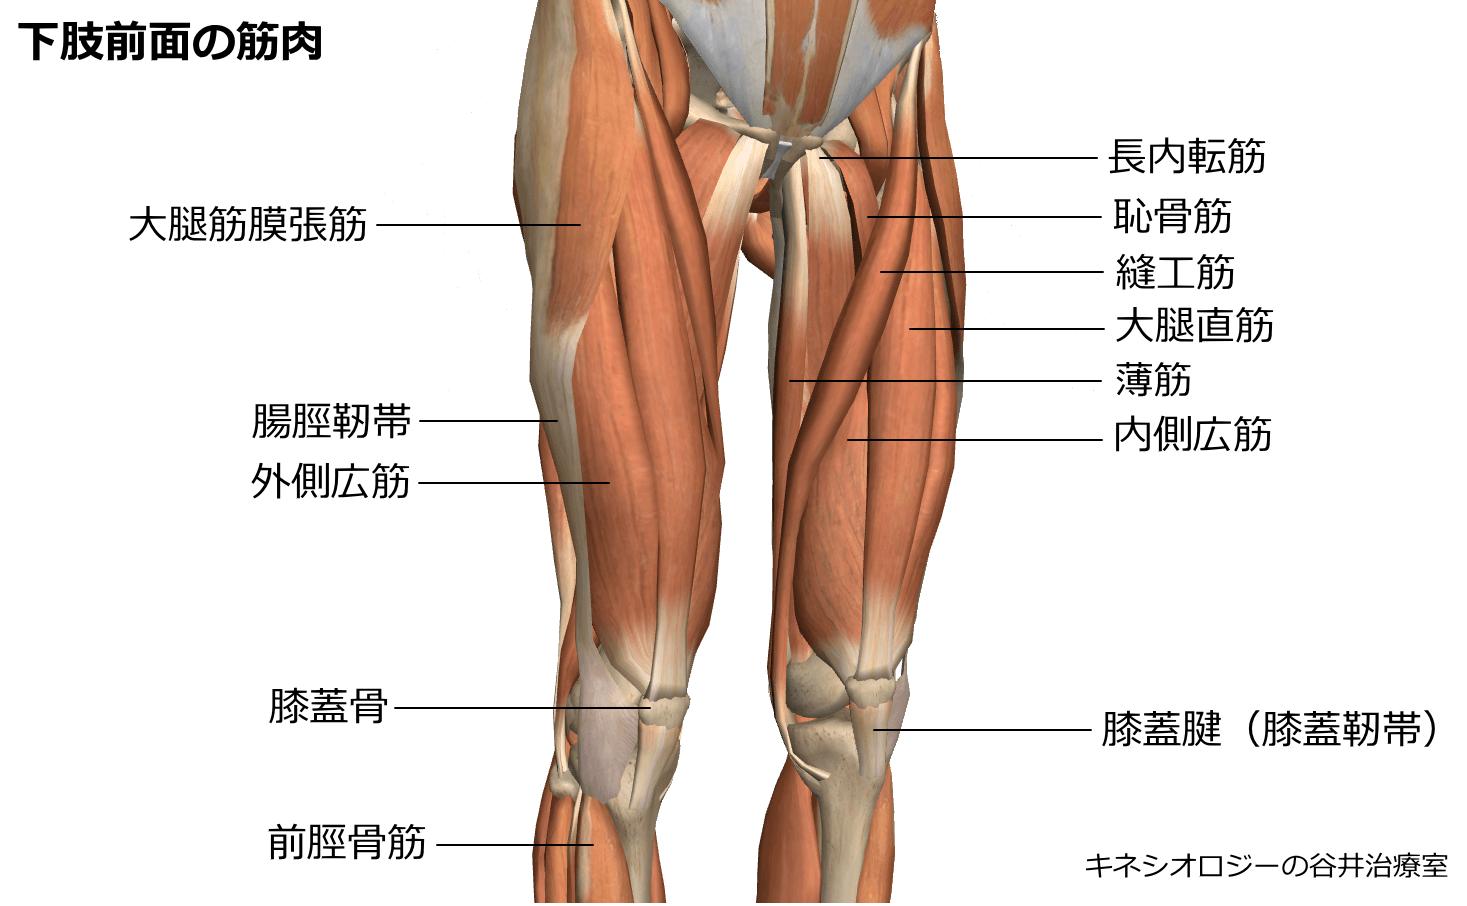 札幌整体膝の痛み治療院 下肢前面筋